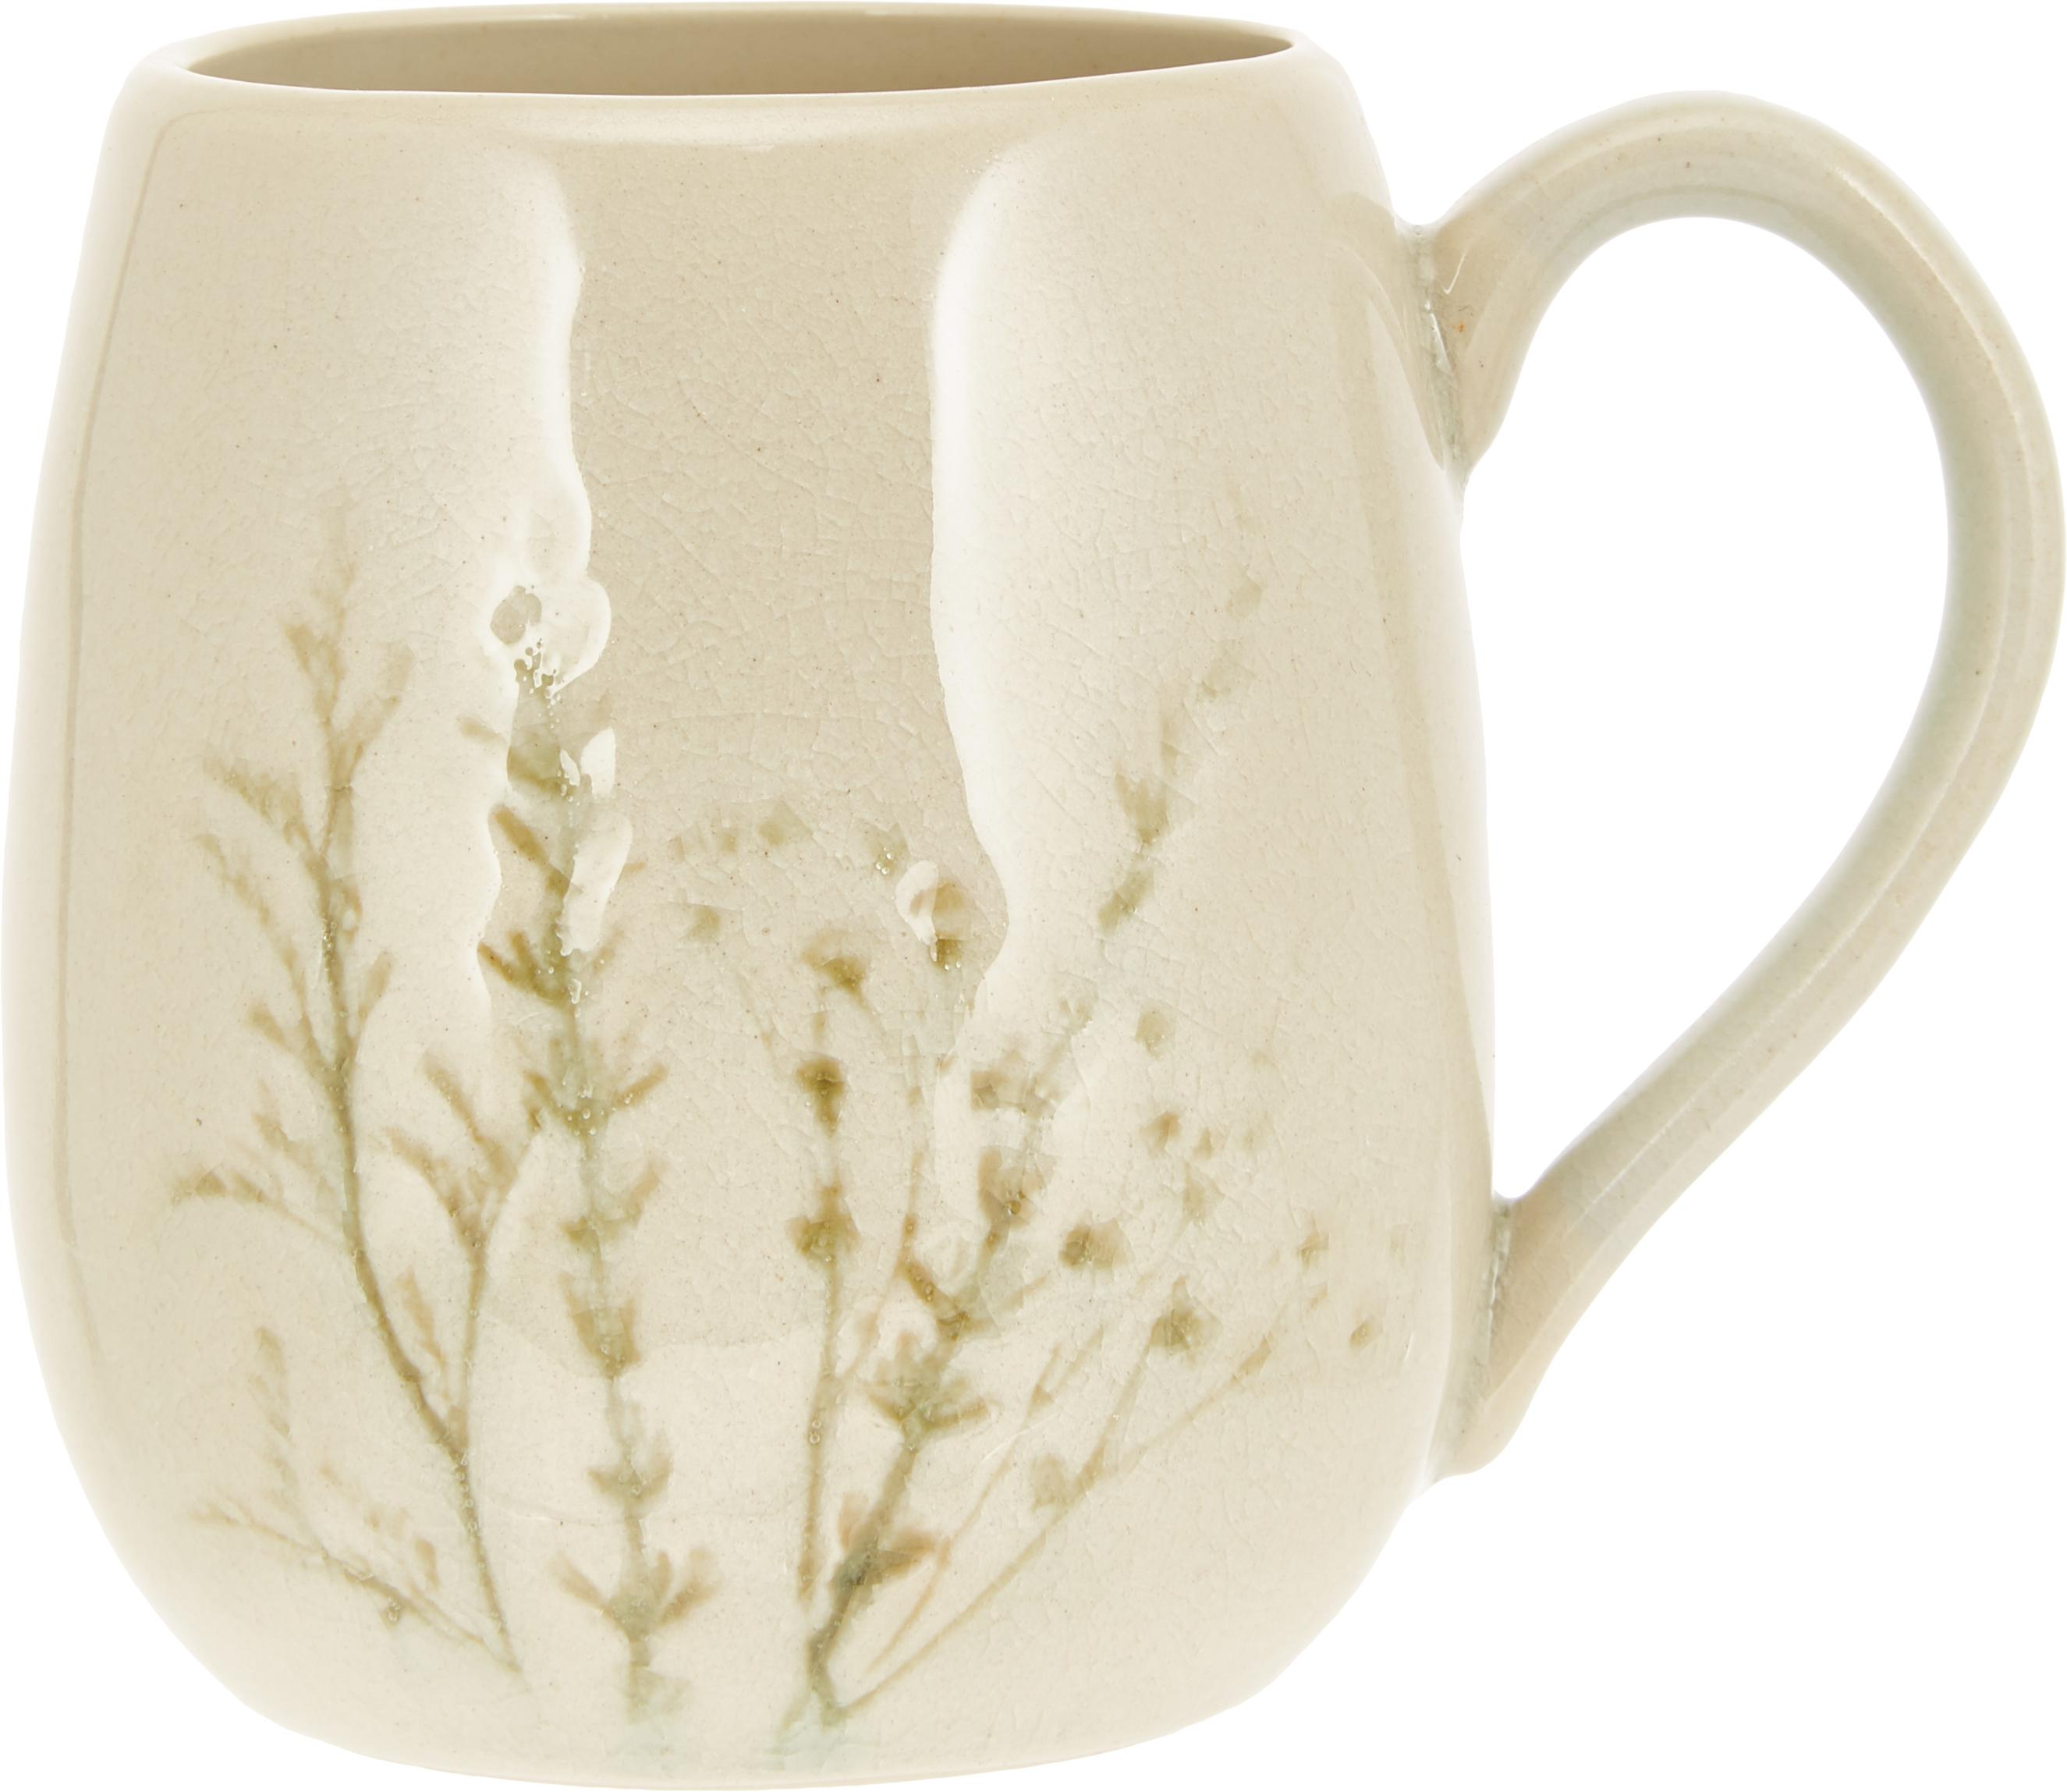 Handgemachte Tasse Bea mit Gräser-Motiv, Steingut, Beige, Mehrfarbig, Ø 10 x H 11 cm